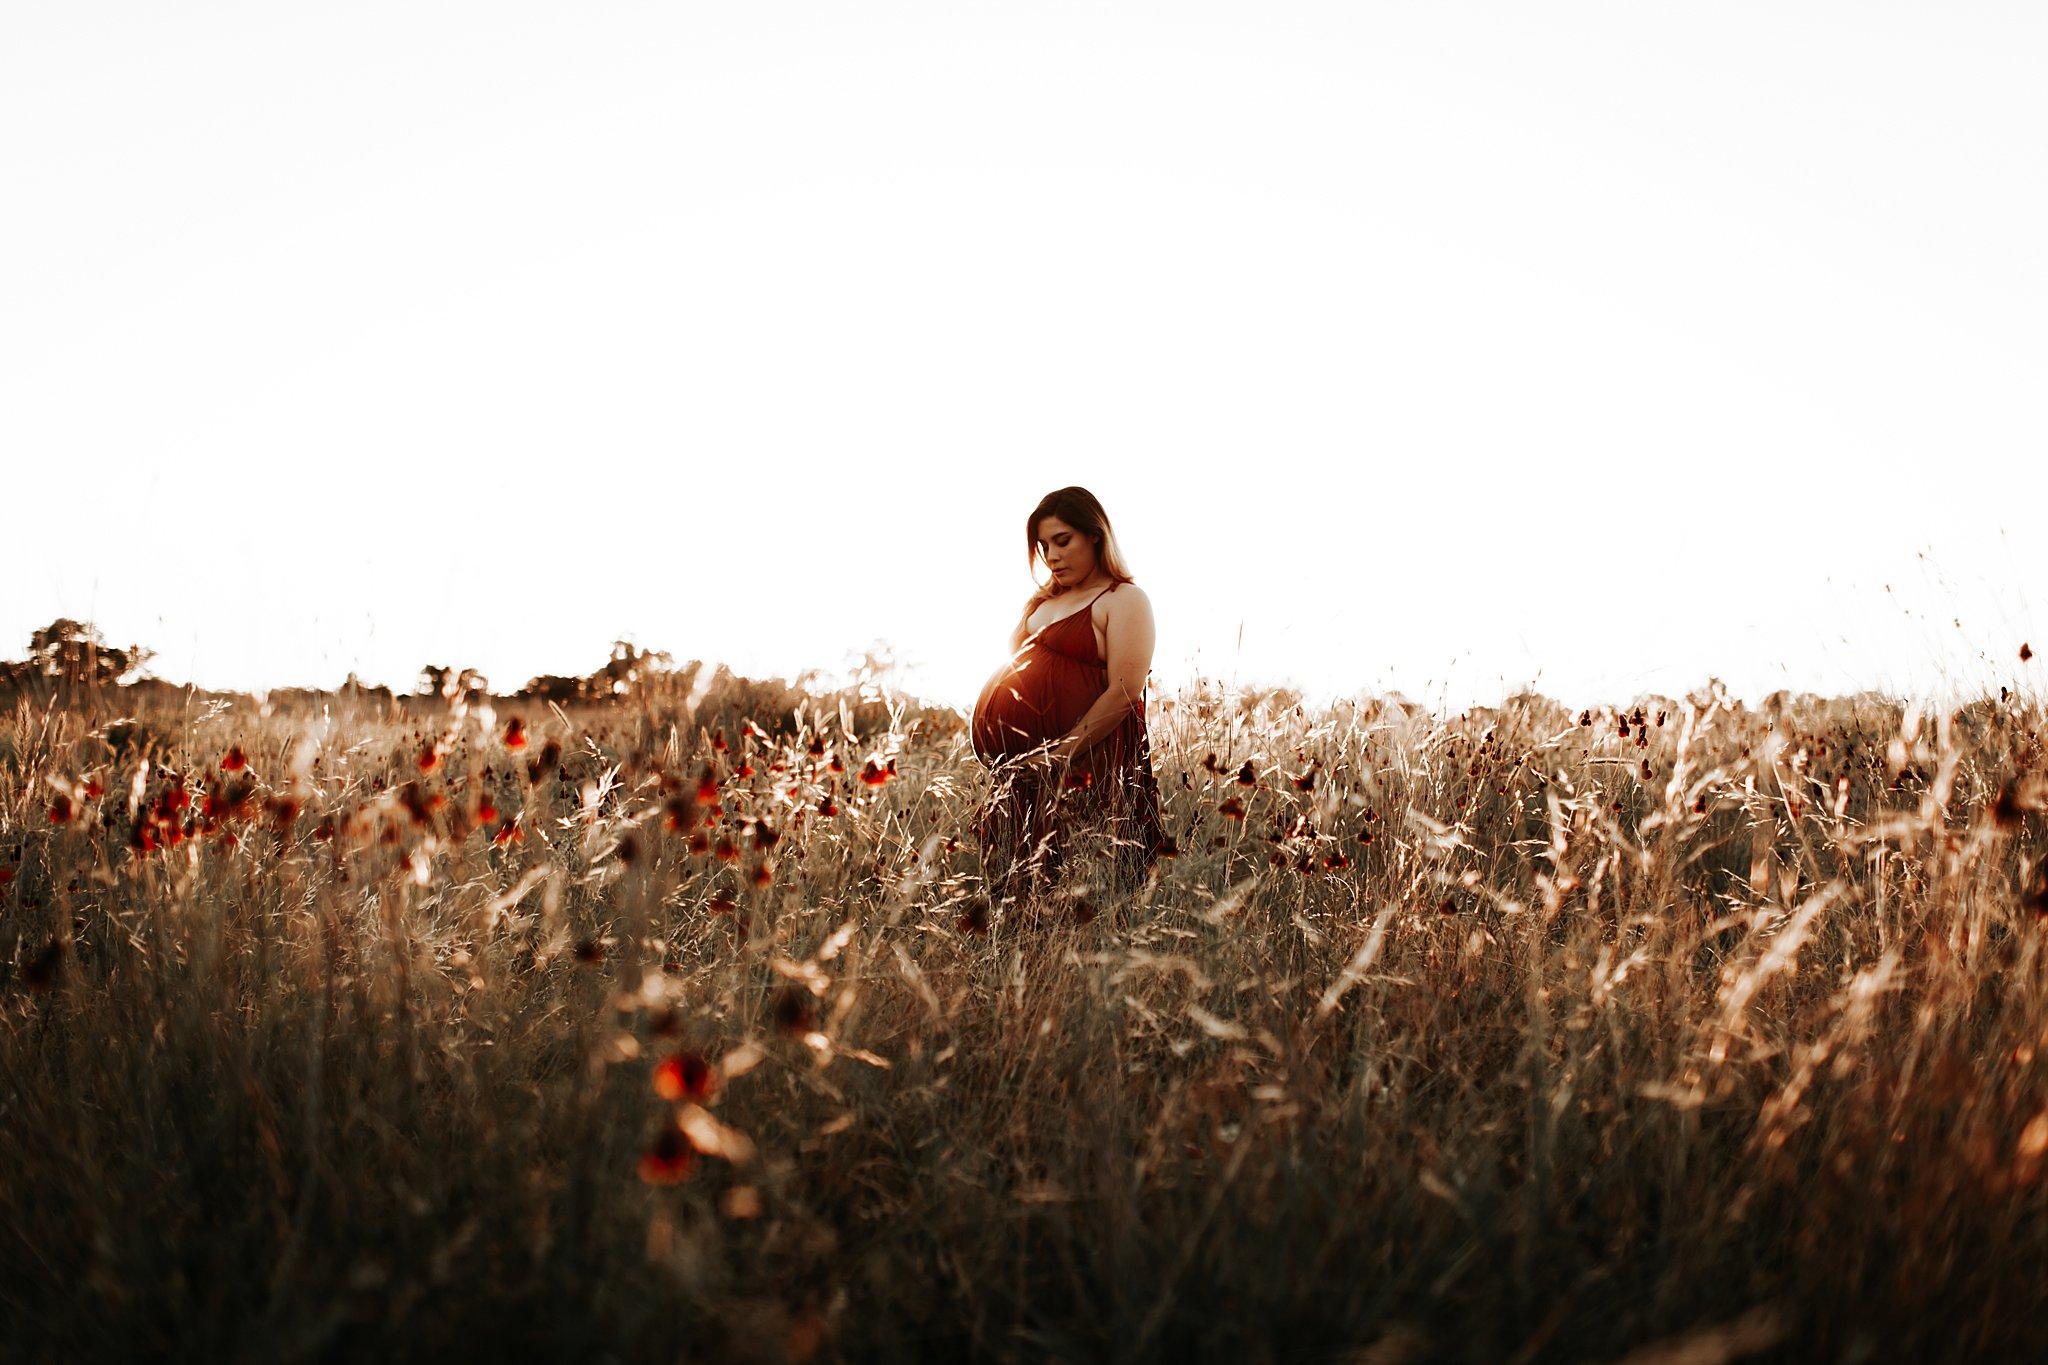 Sara-San-Antonio-Maternity-Photographer-33_WEB.jpg